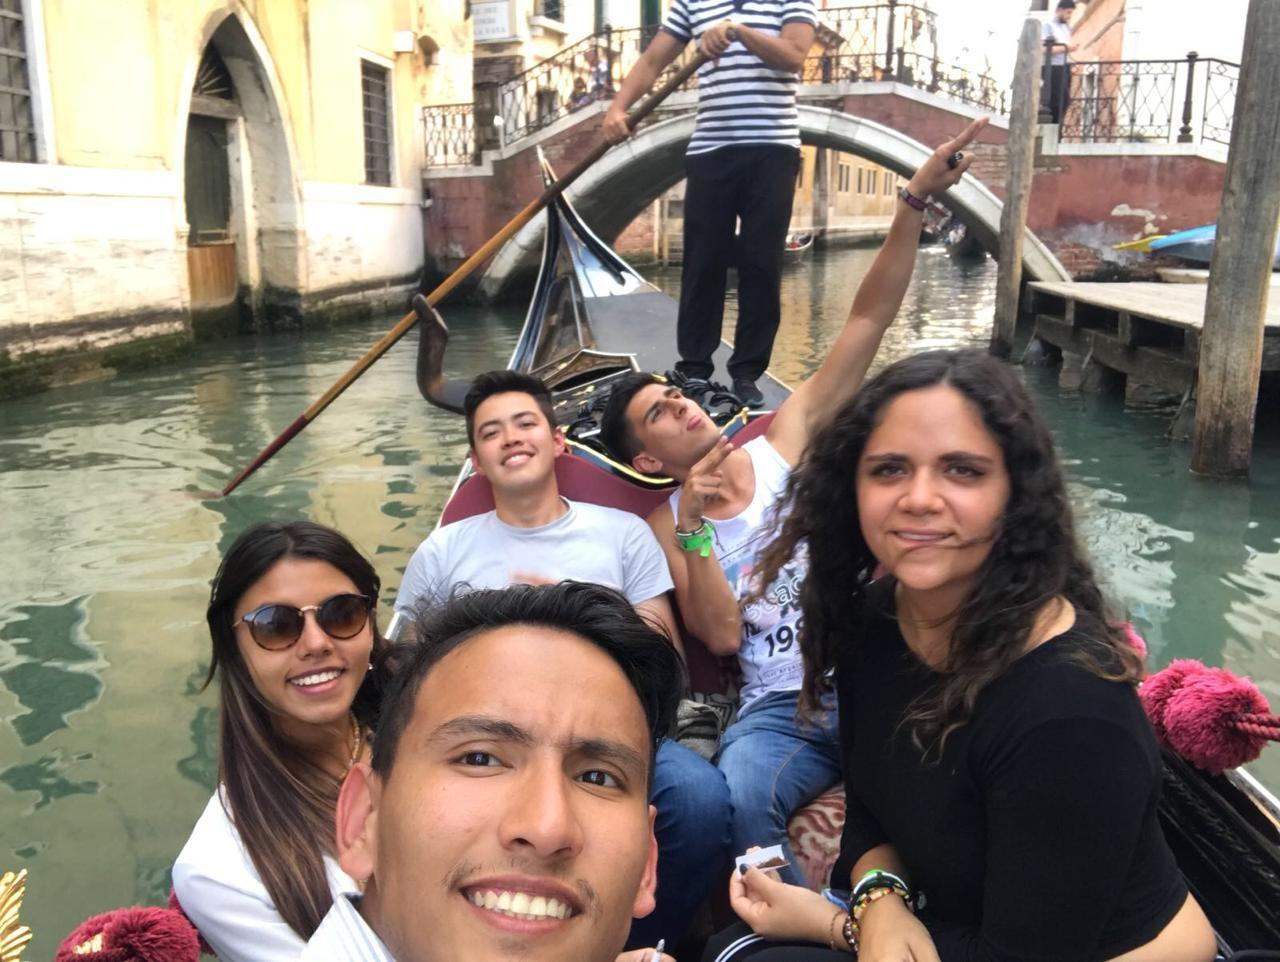 venecia-gondolas-magia-09c064ce0baadba24